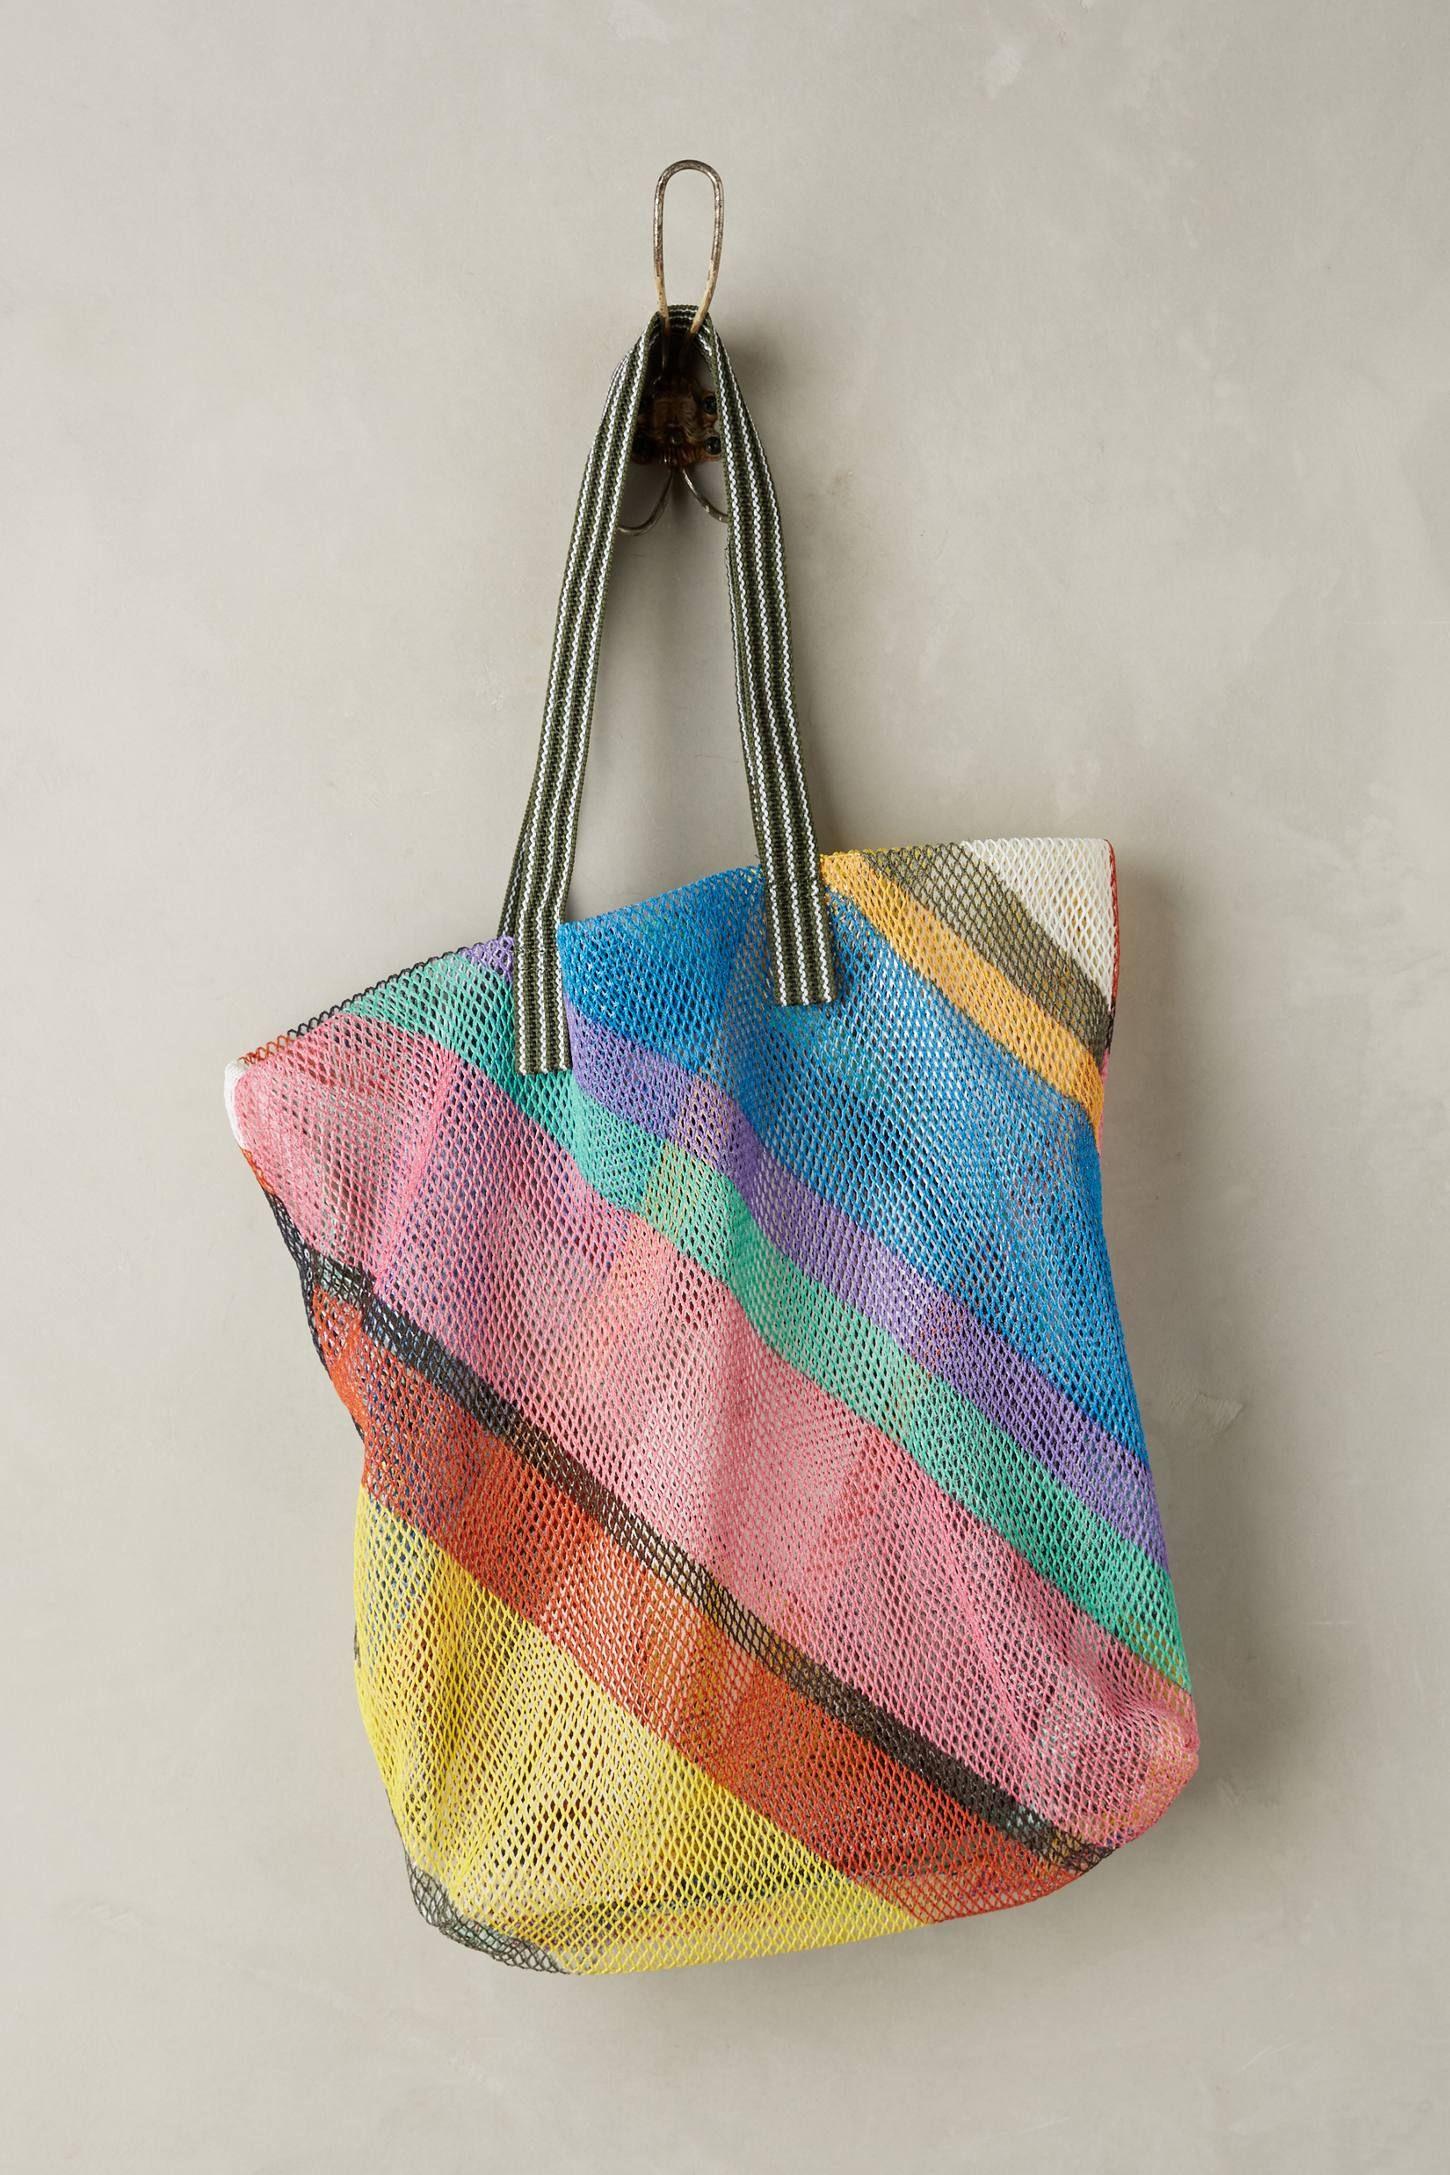 Emily Plaid Mesh Tote Tote, Bags, Fashion bags